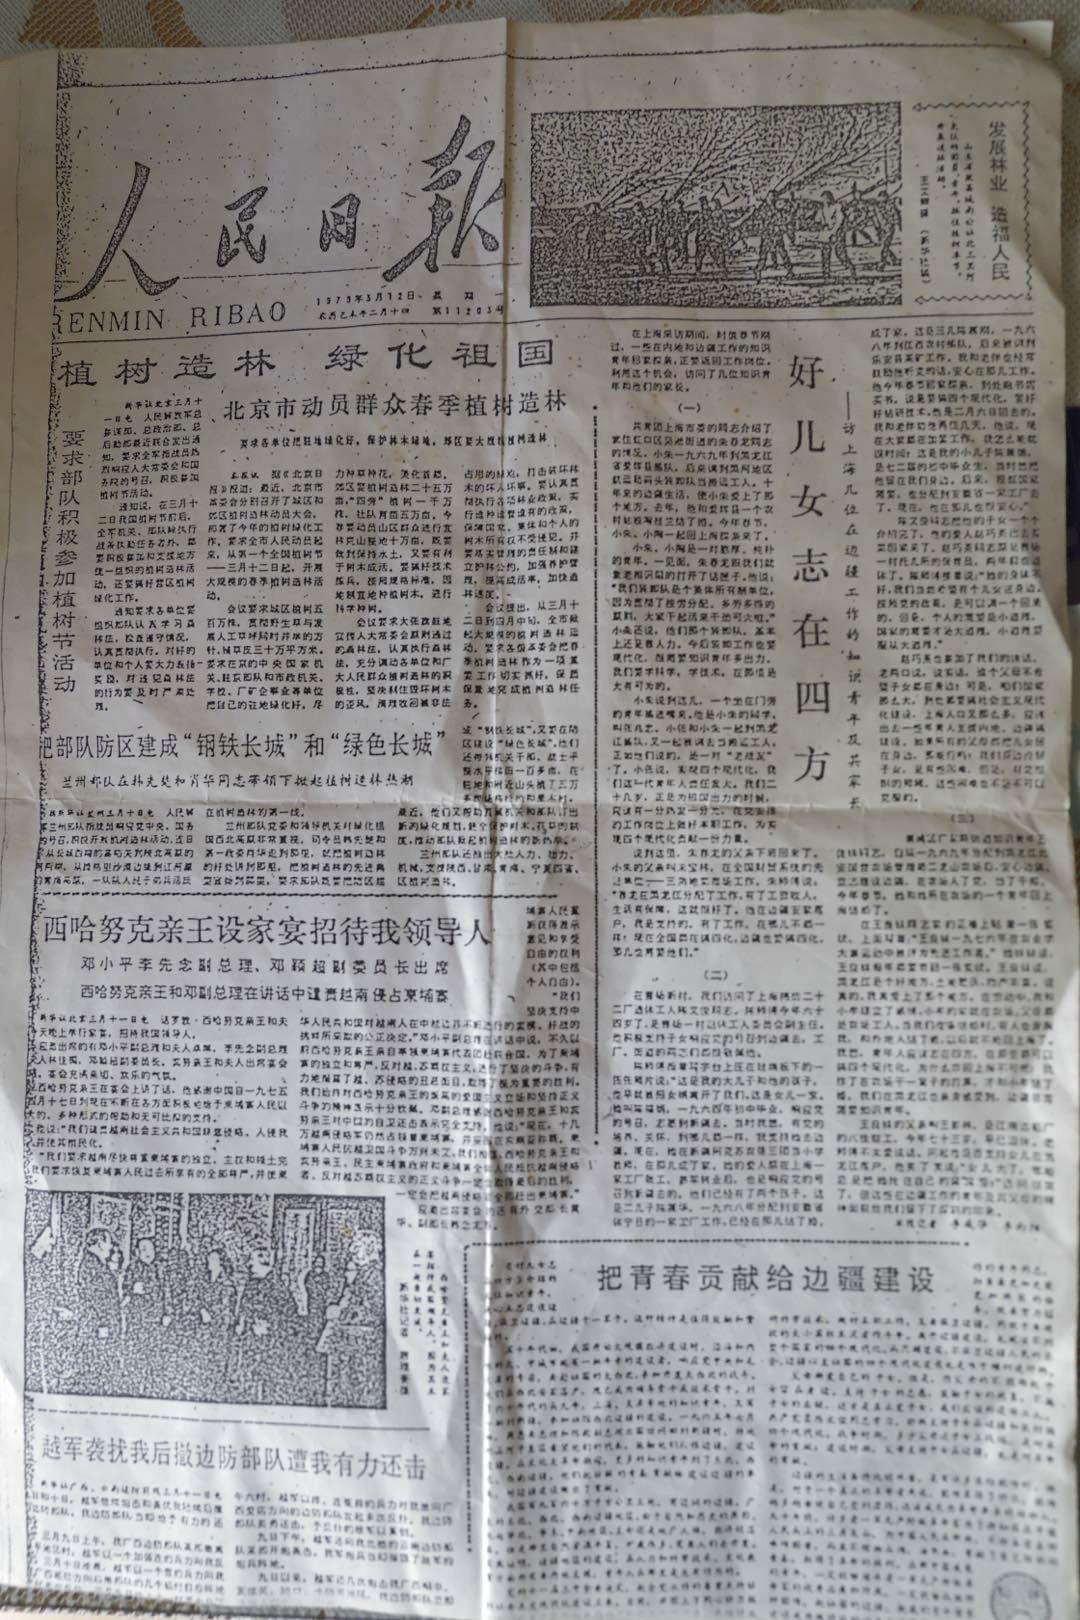 陈福娟珍藏的有自家报道的《人民日报》复印件。 冯锐 图